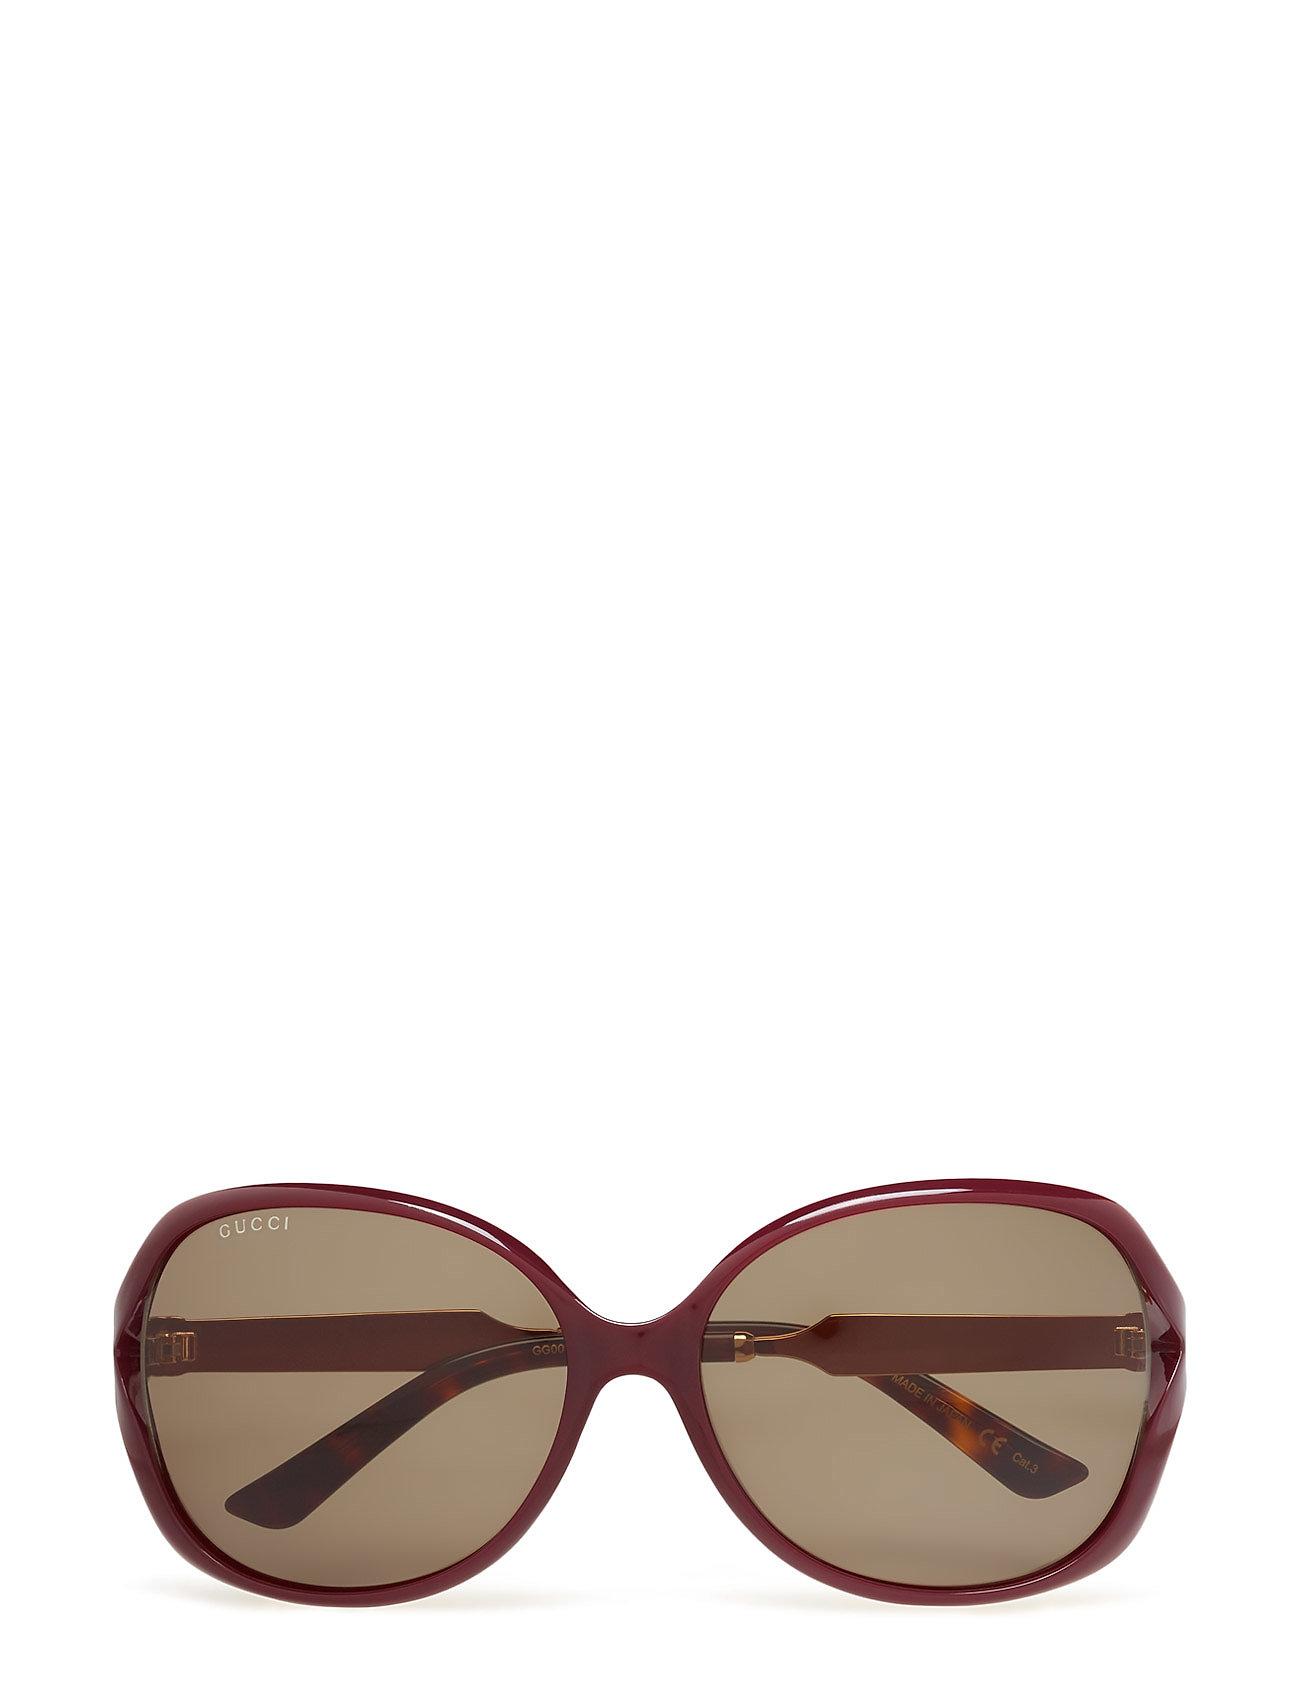 b1e7be13255e Gg0076s solbriller fra Gucci til dame i BURGUNDY-GOLD-GREEN - Pashion.dk